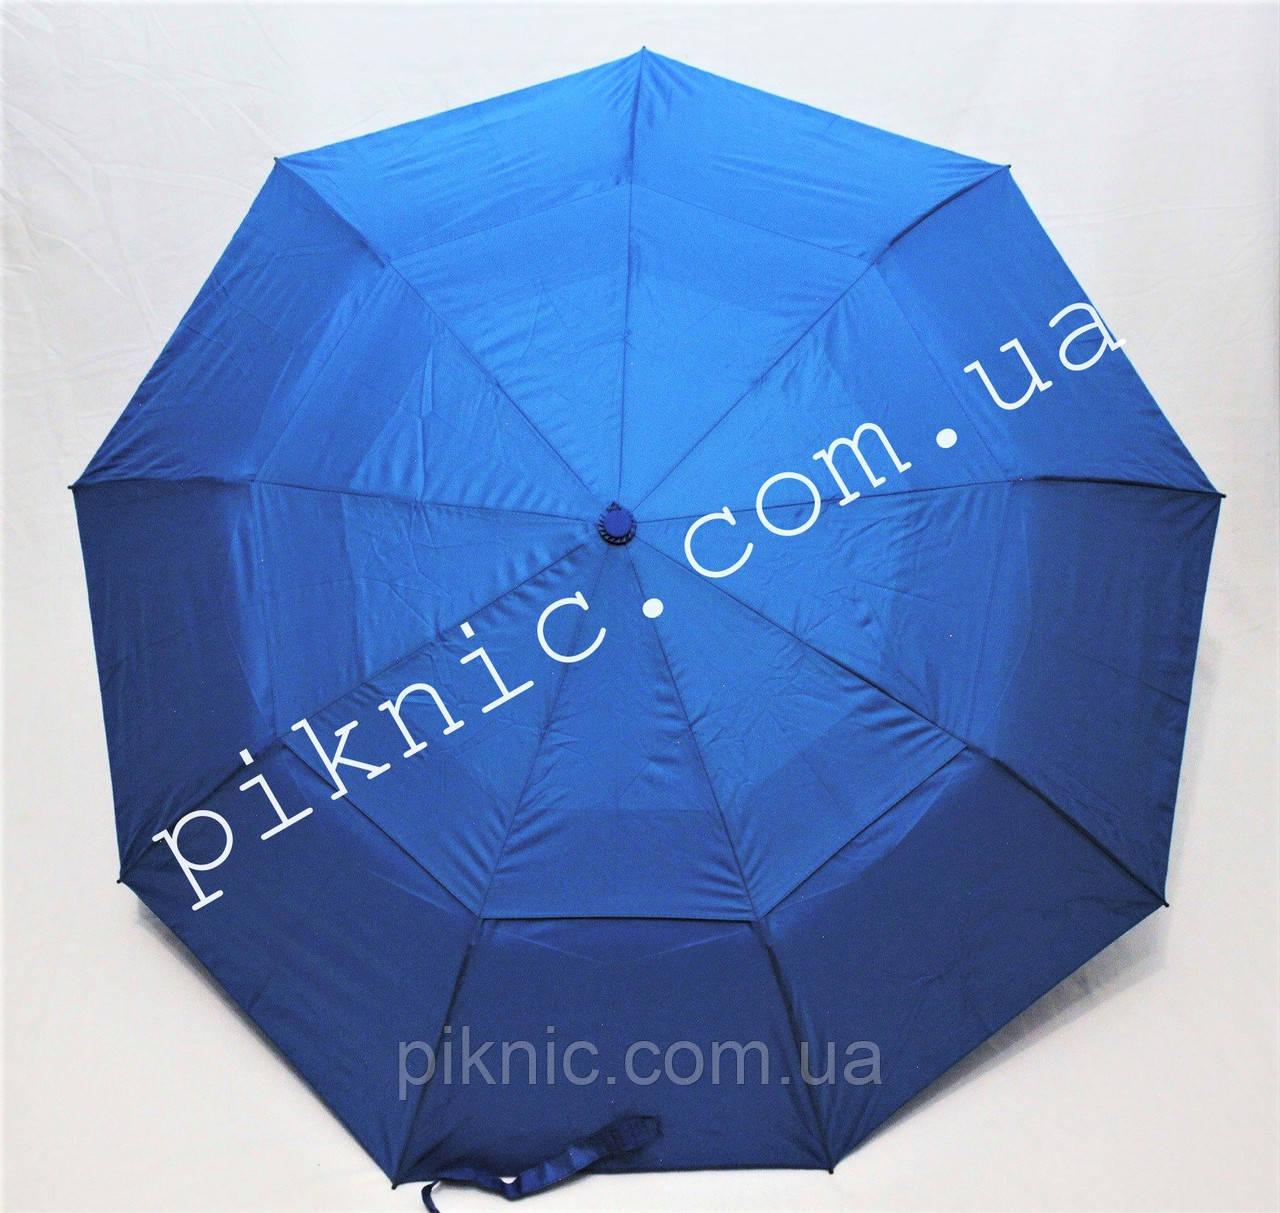 Женский зонт складной с ветровым клапаном полуавтомат. Зонтик от дождя. Светло синий